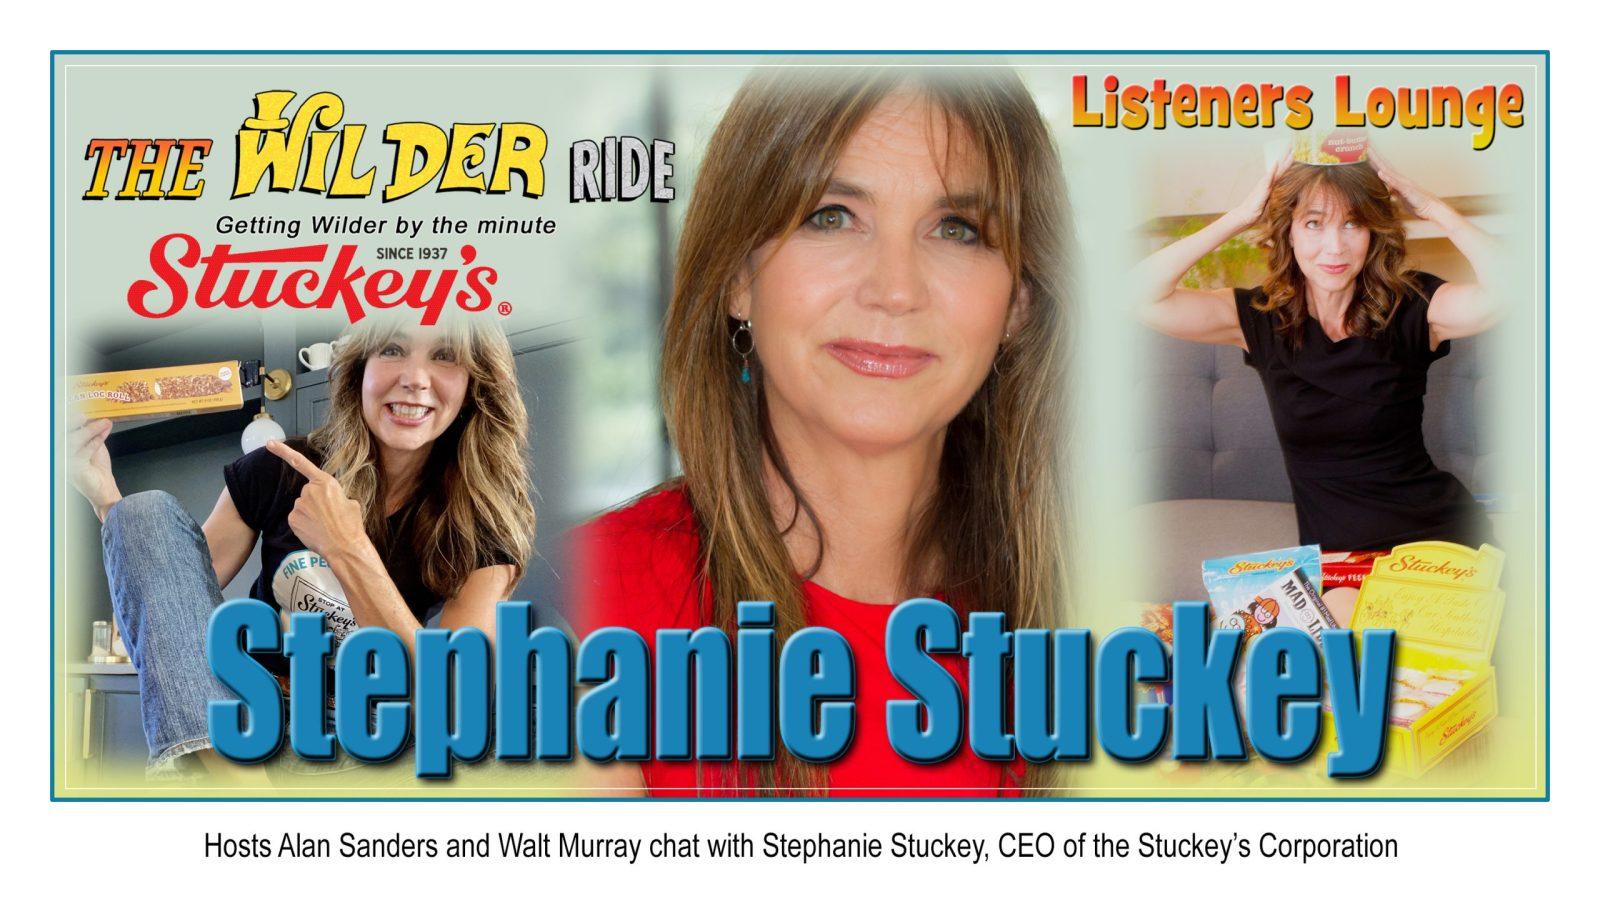 Stephanie Stuckey